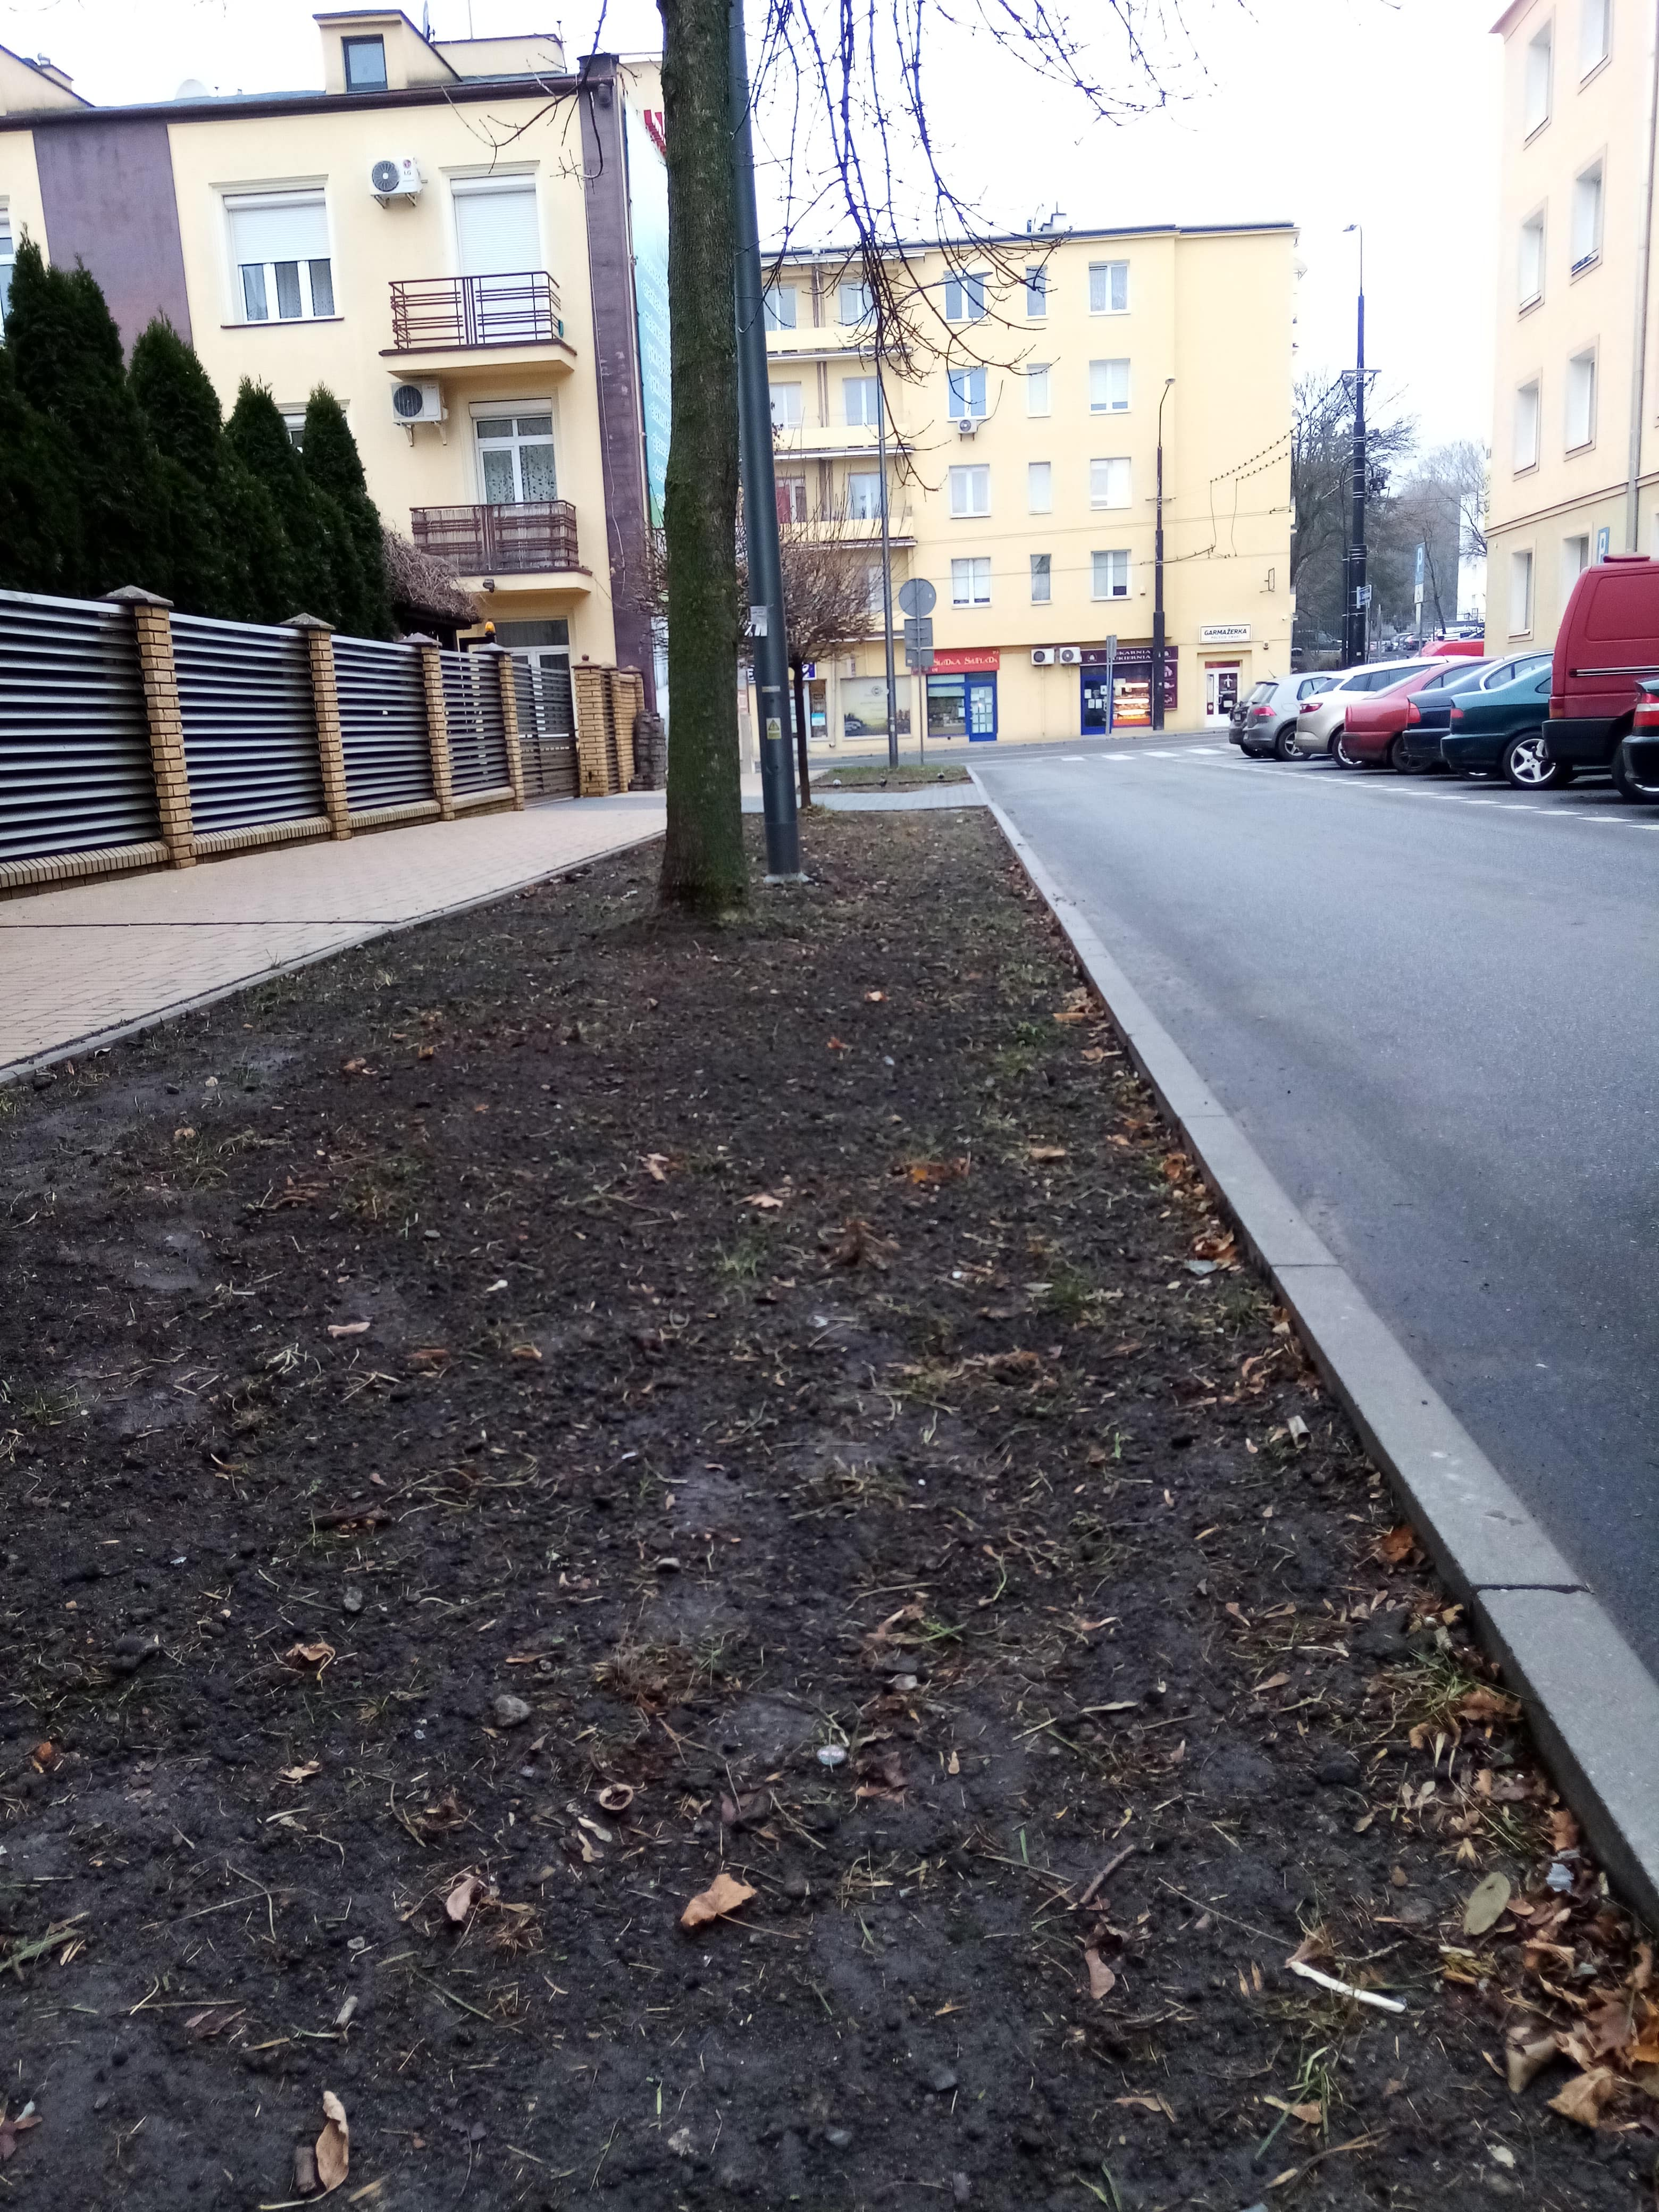 Lublin ma być bardziej zielony. Wykonano nasadzenia i uporządkowano zieleń - Zdjęcie główne